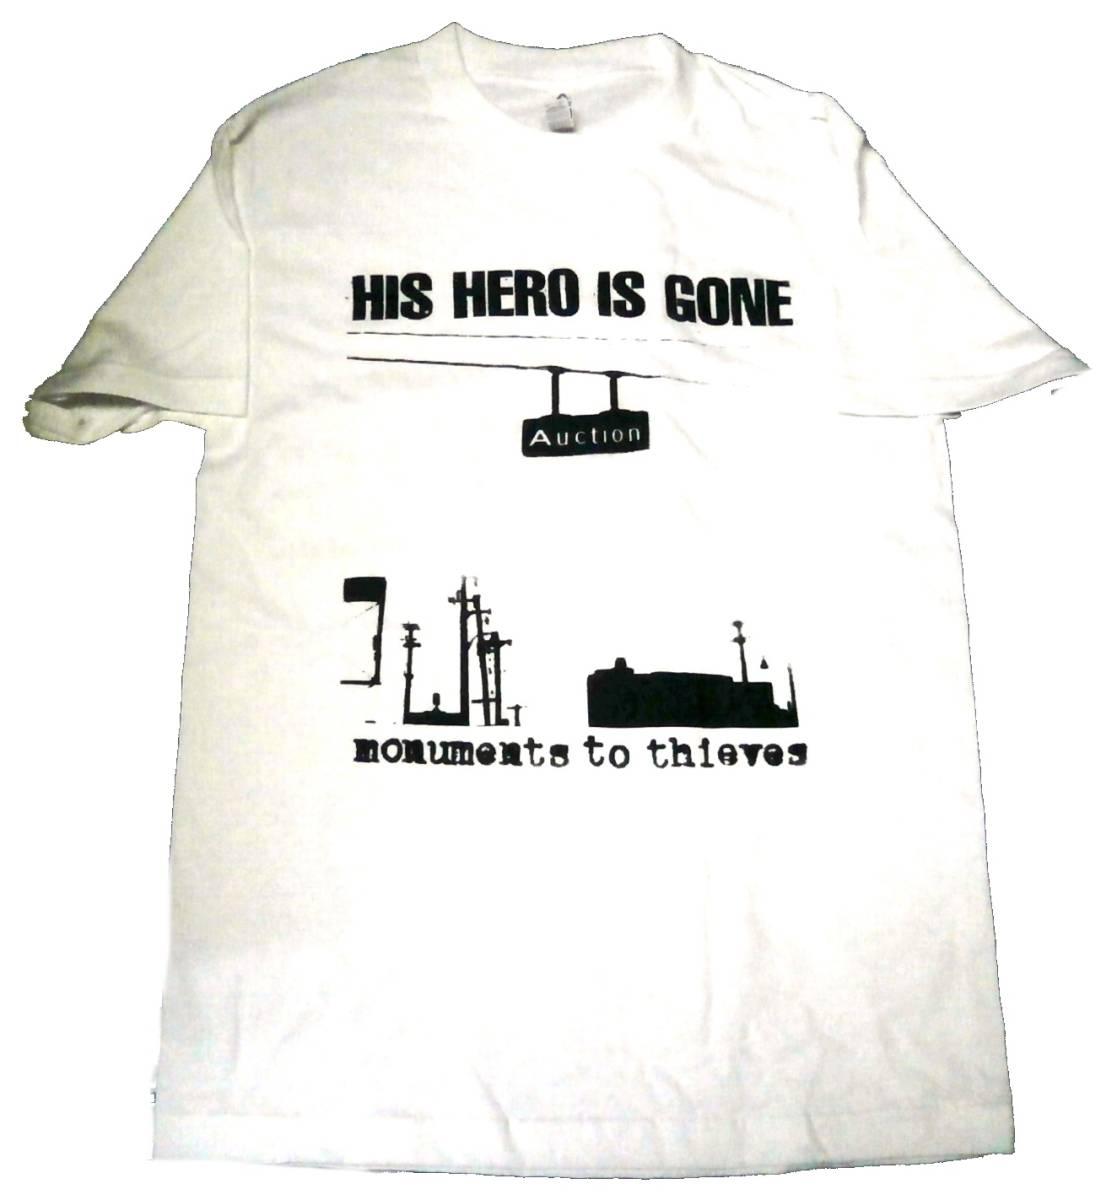 即決!HIS HERO IS GONE Tシャツ S/M/XLサイズ 新品未着用【送料164円】